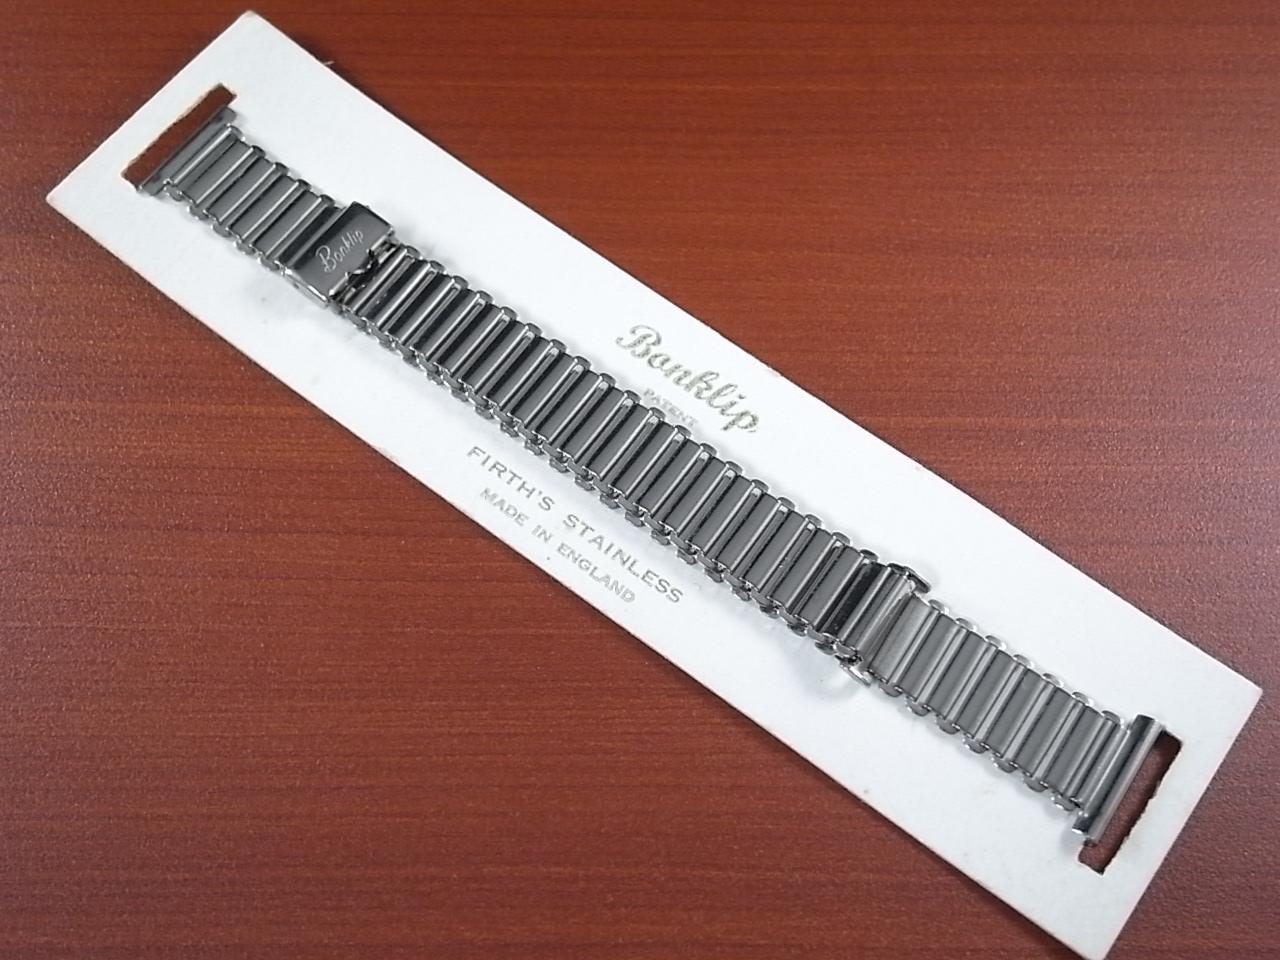 ボンクリップ バンブーブレス N.O.S. 13mmタイプ 16mm BONKLIPのメイン写真